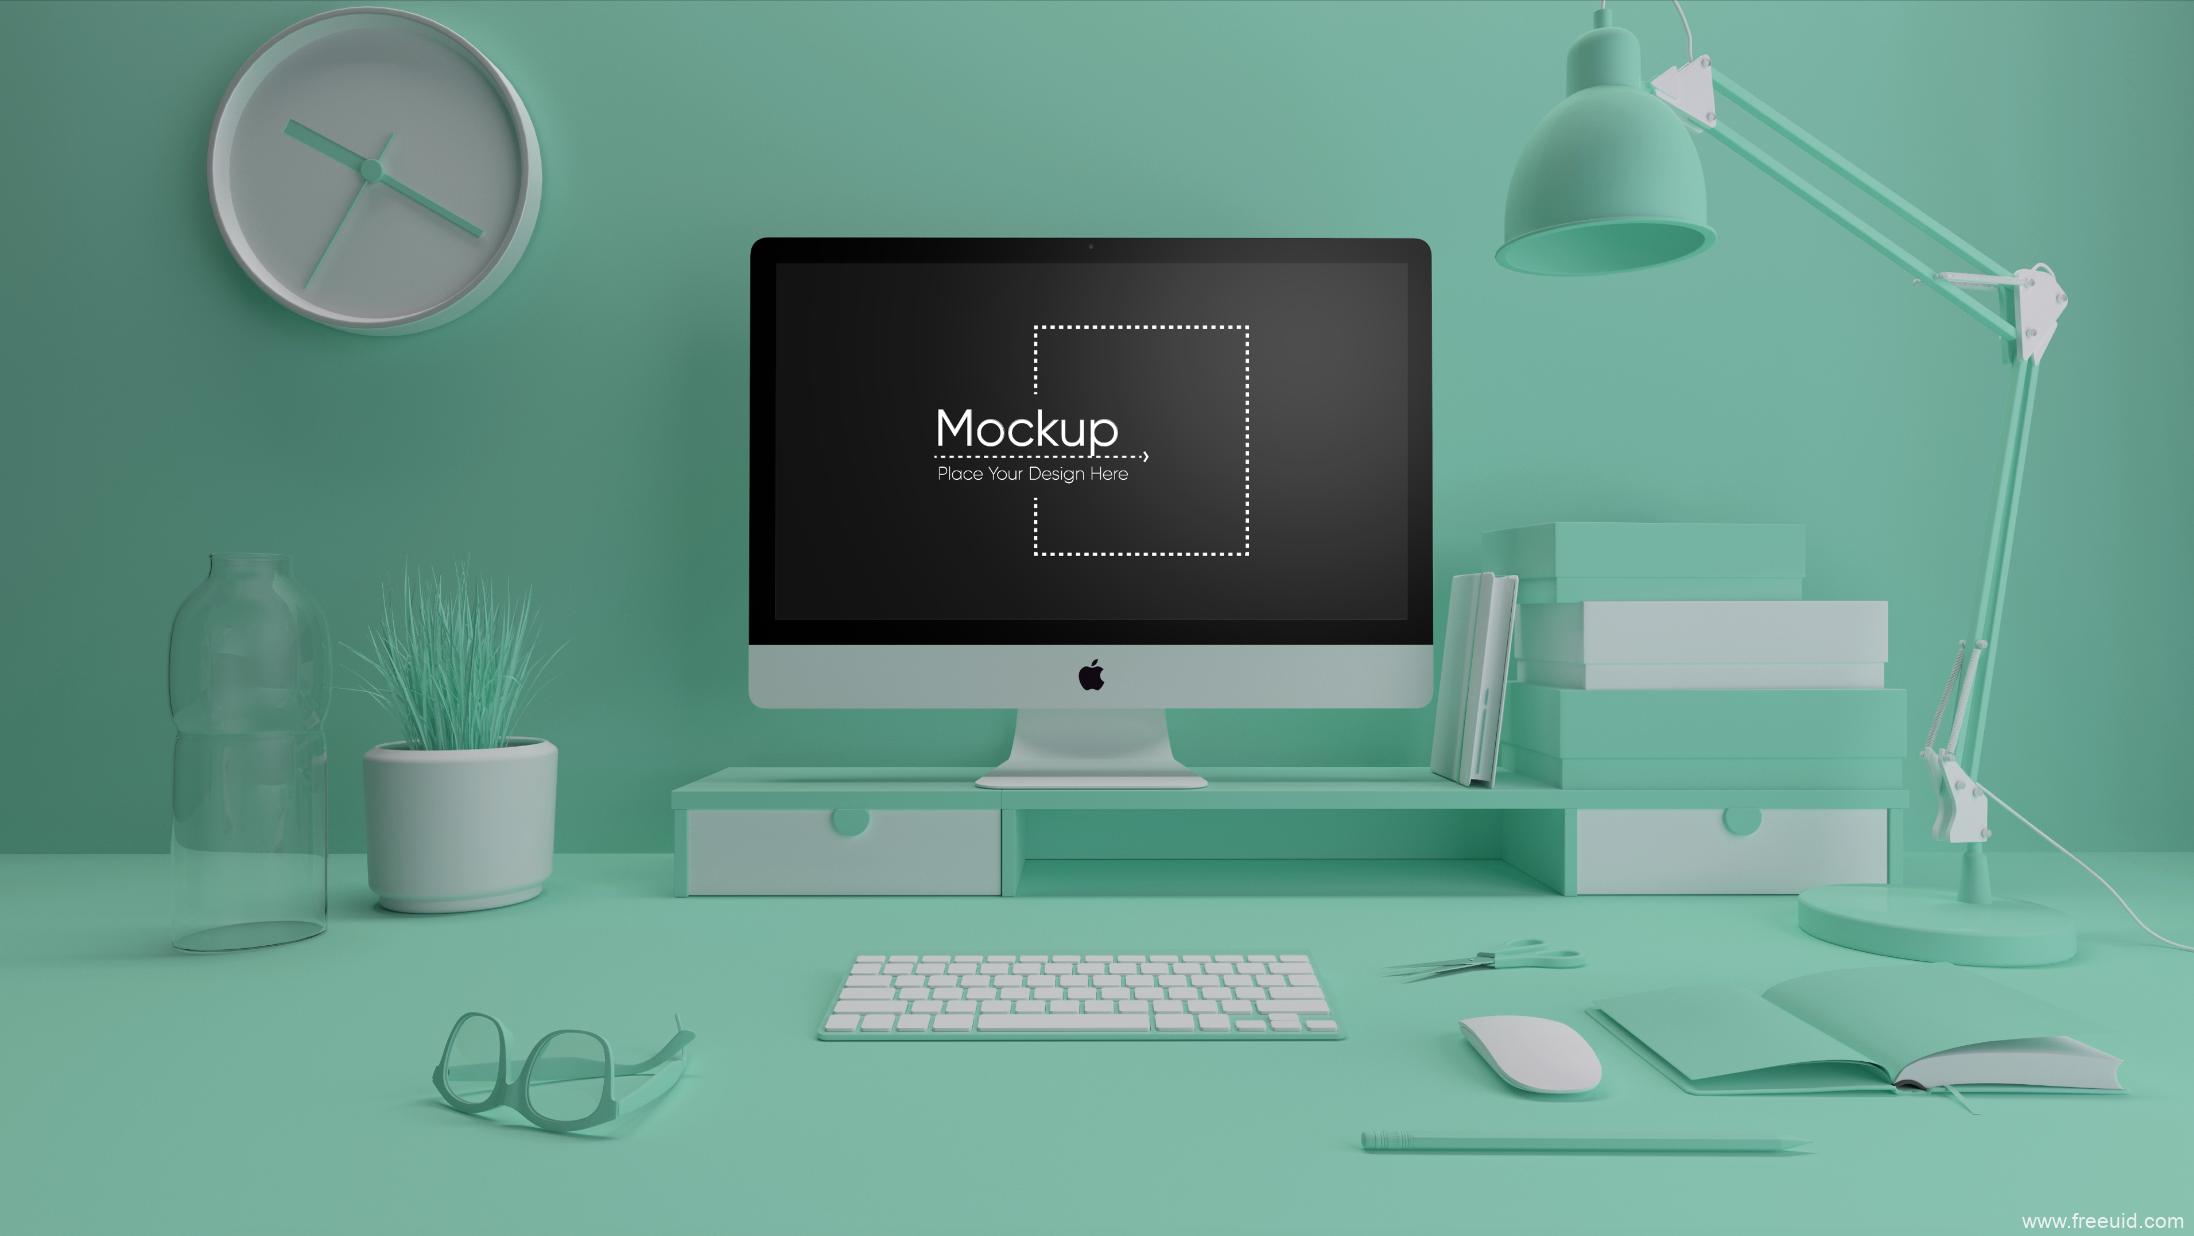 高端单体Mac展示样机psd源文件下载